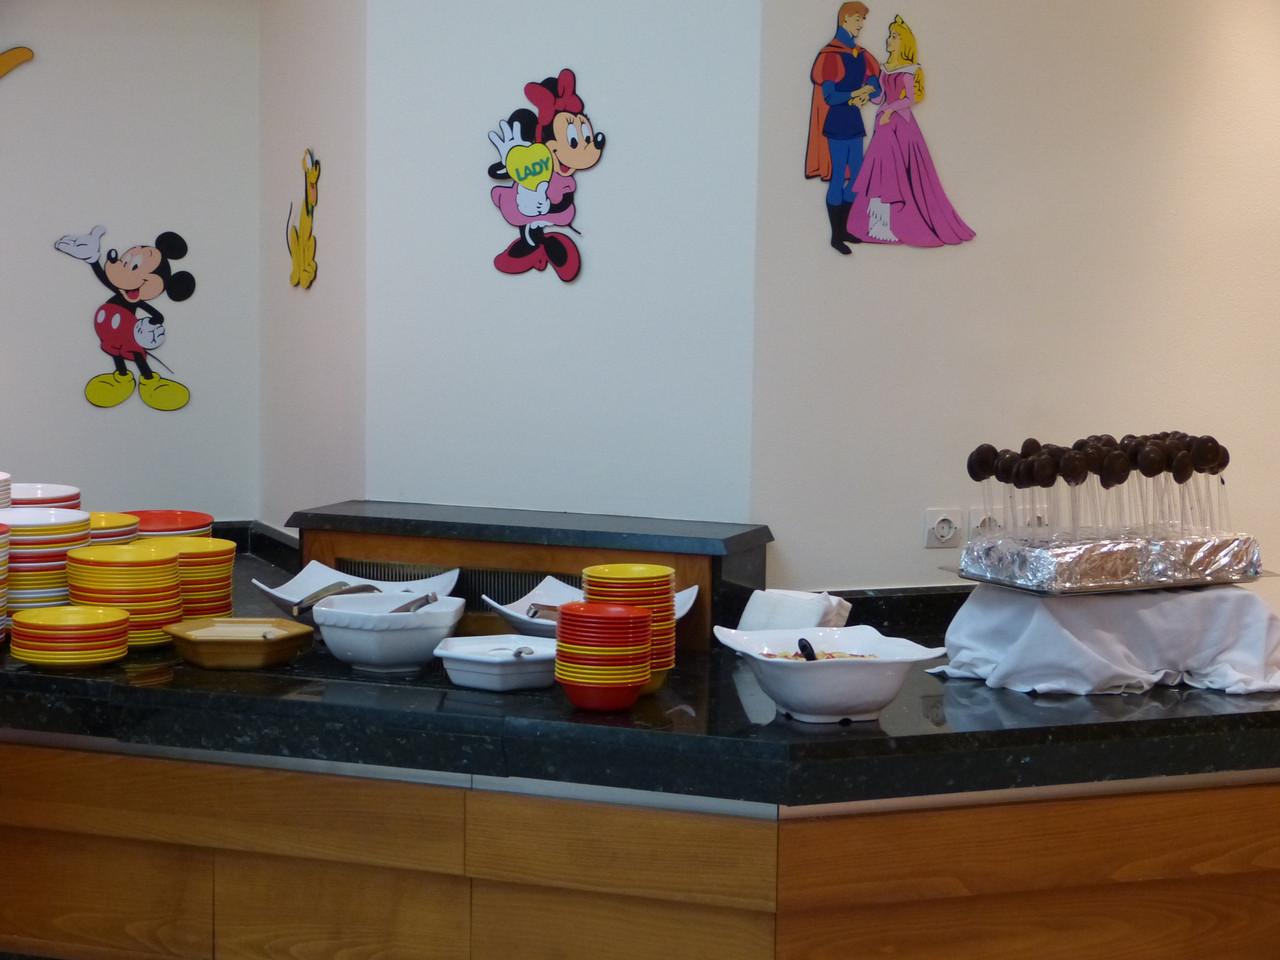 Kinderbuffet - bei Kindern sehr beliebt!